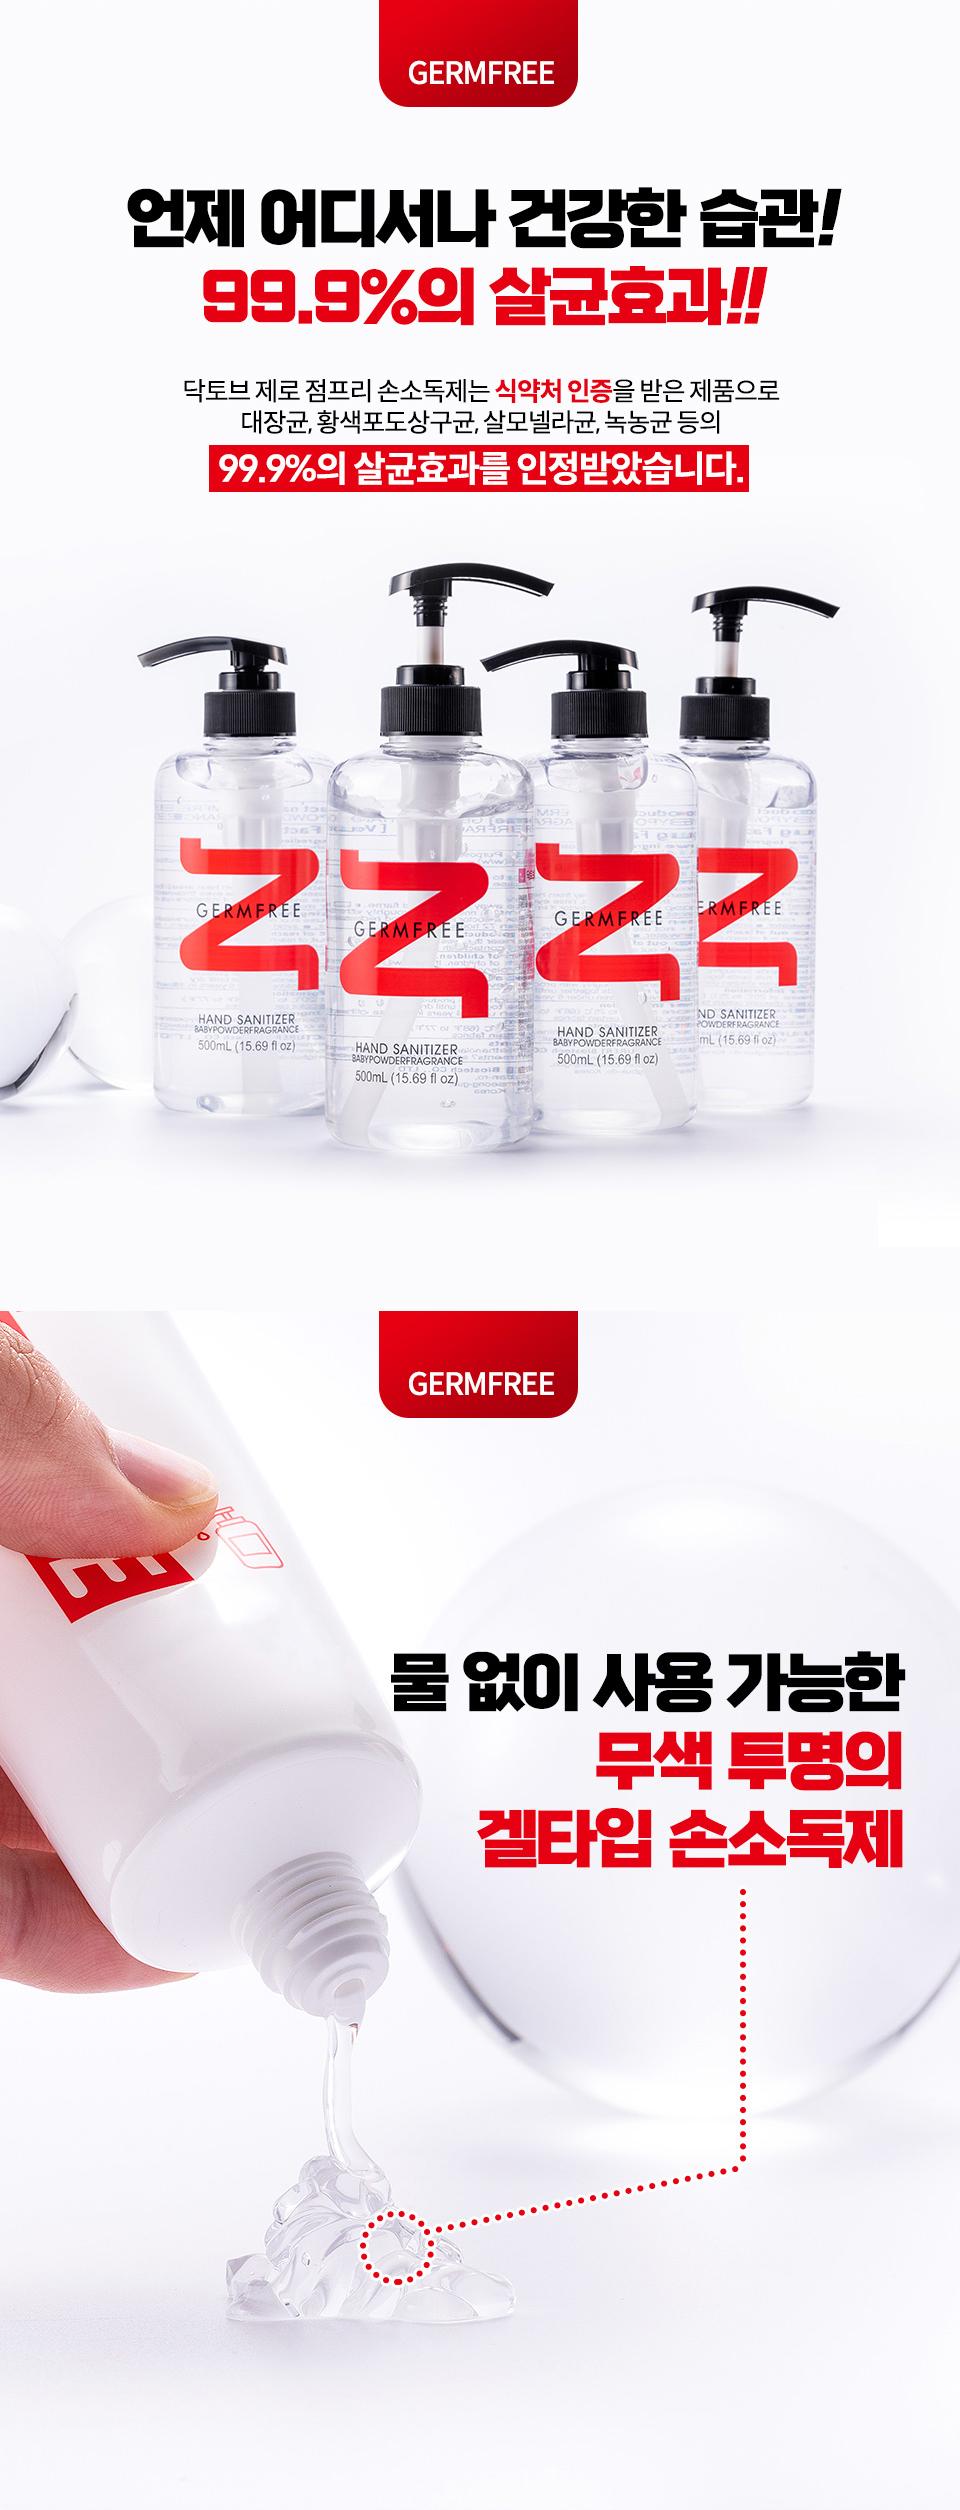 210428_점프리-손소독제_상세페이지_3차_02.jpg